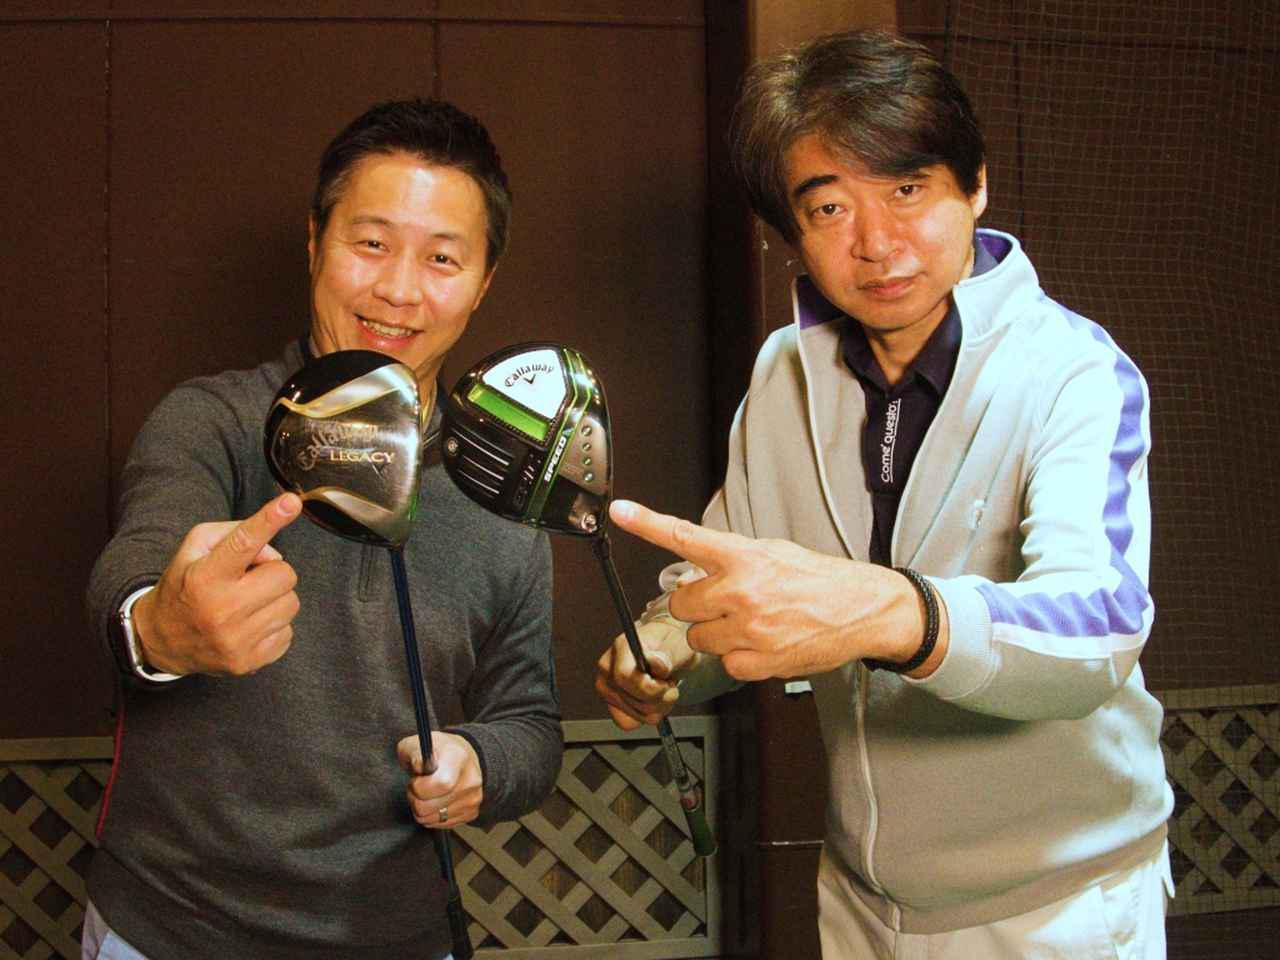 画像: プロゴルファー・中村修と堀口宜篤が最新ドライバー、エピックスピードと約10年前に発売されたレガシー タイプSを比較試打!